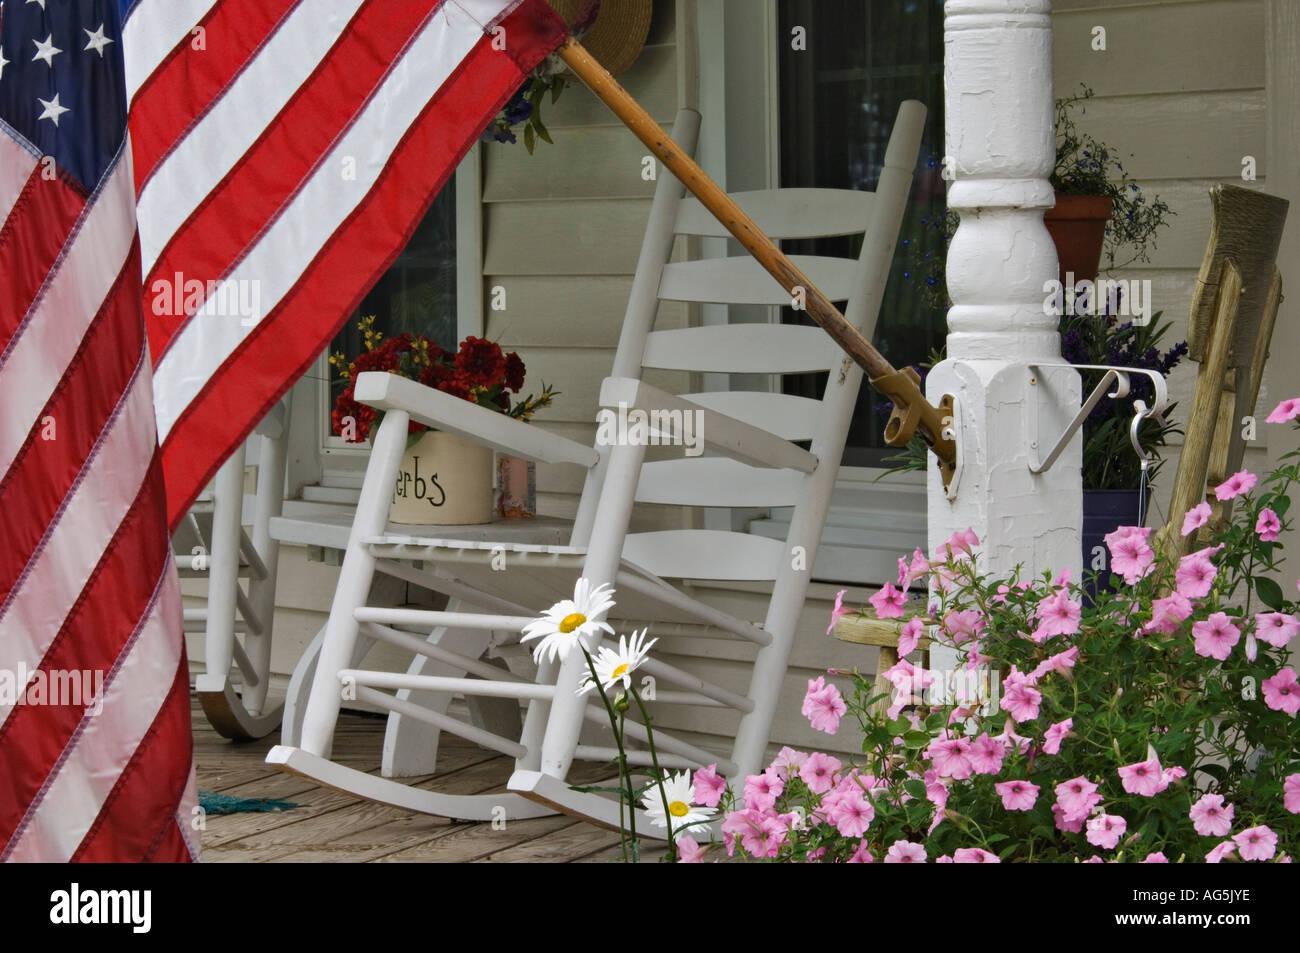 Sedia A Dondolo Americana.Bandiera Americana E La Sedia A Dondolo Sulla Veranda Del Cottage In Stile Vittoriano Con Splendidi Fiori Georgetown Indiana Foto Stock Alamy